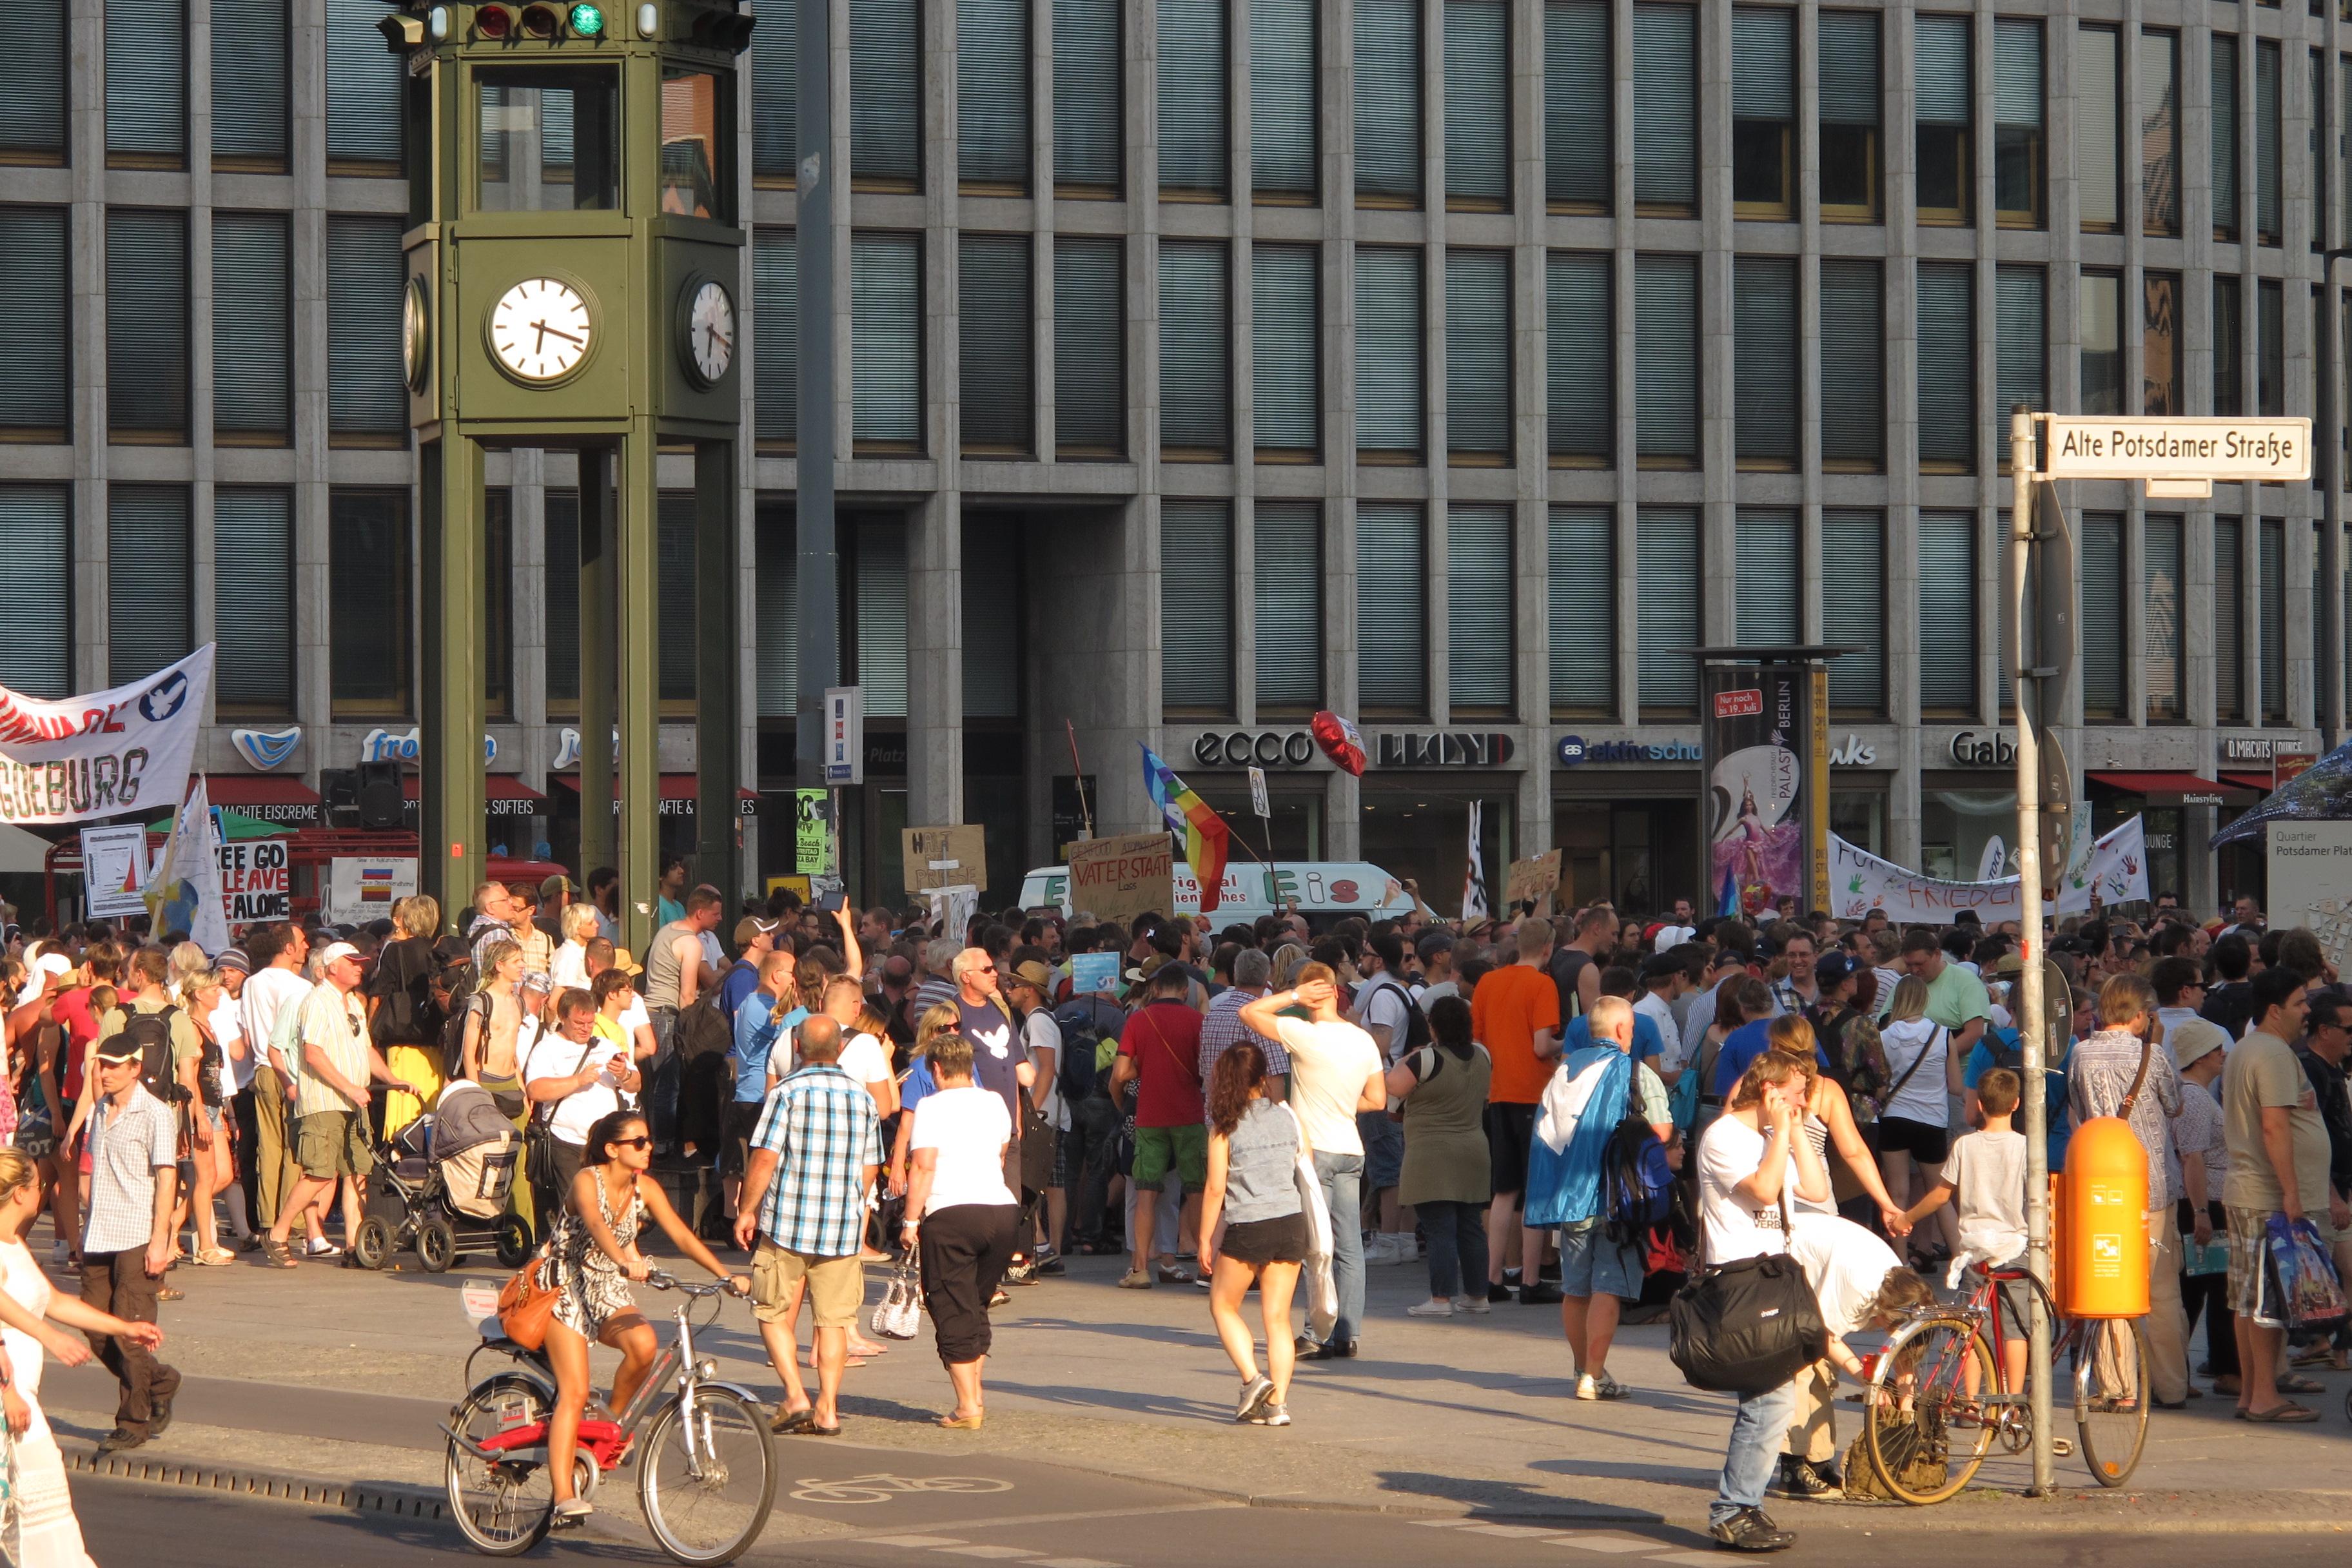 Manifestació contra els bombardejos de Gaza a la Postdamer Platz (3) rellotge i semàfor que recorda el primer semàfor d'aquesta plaça desaparegut en la guerra.